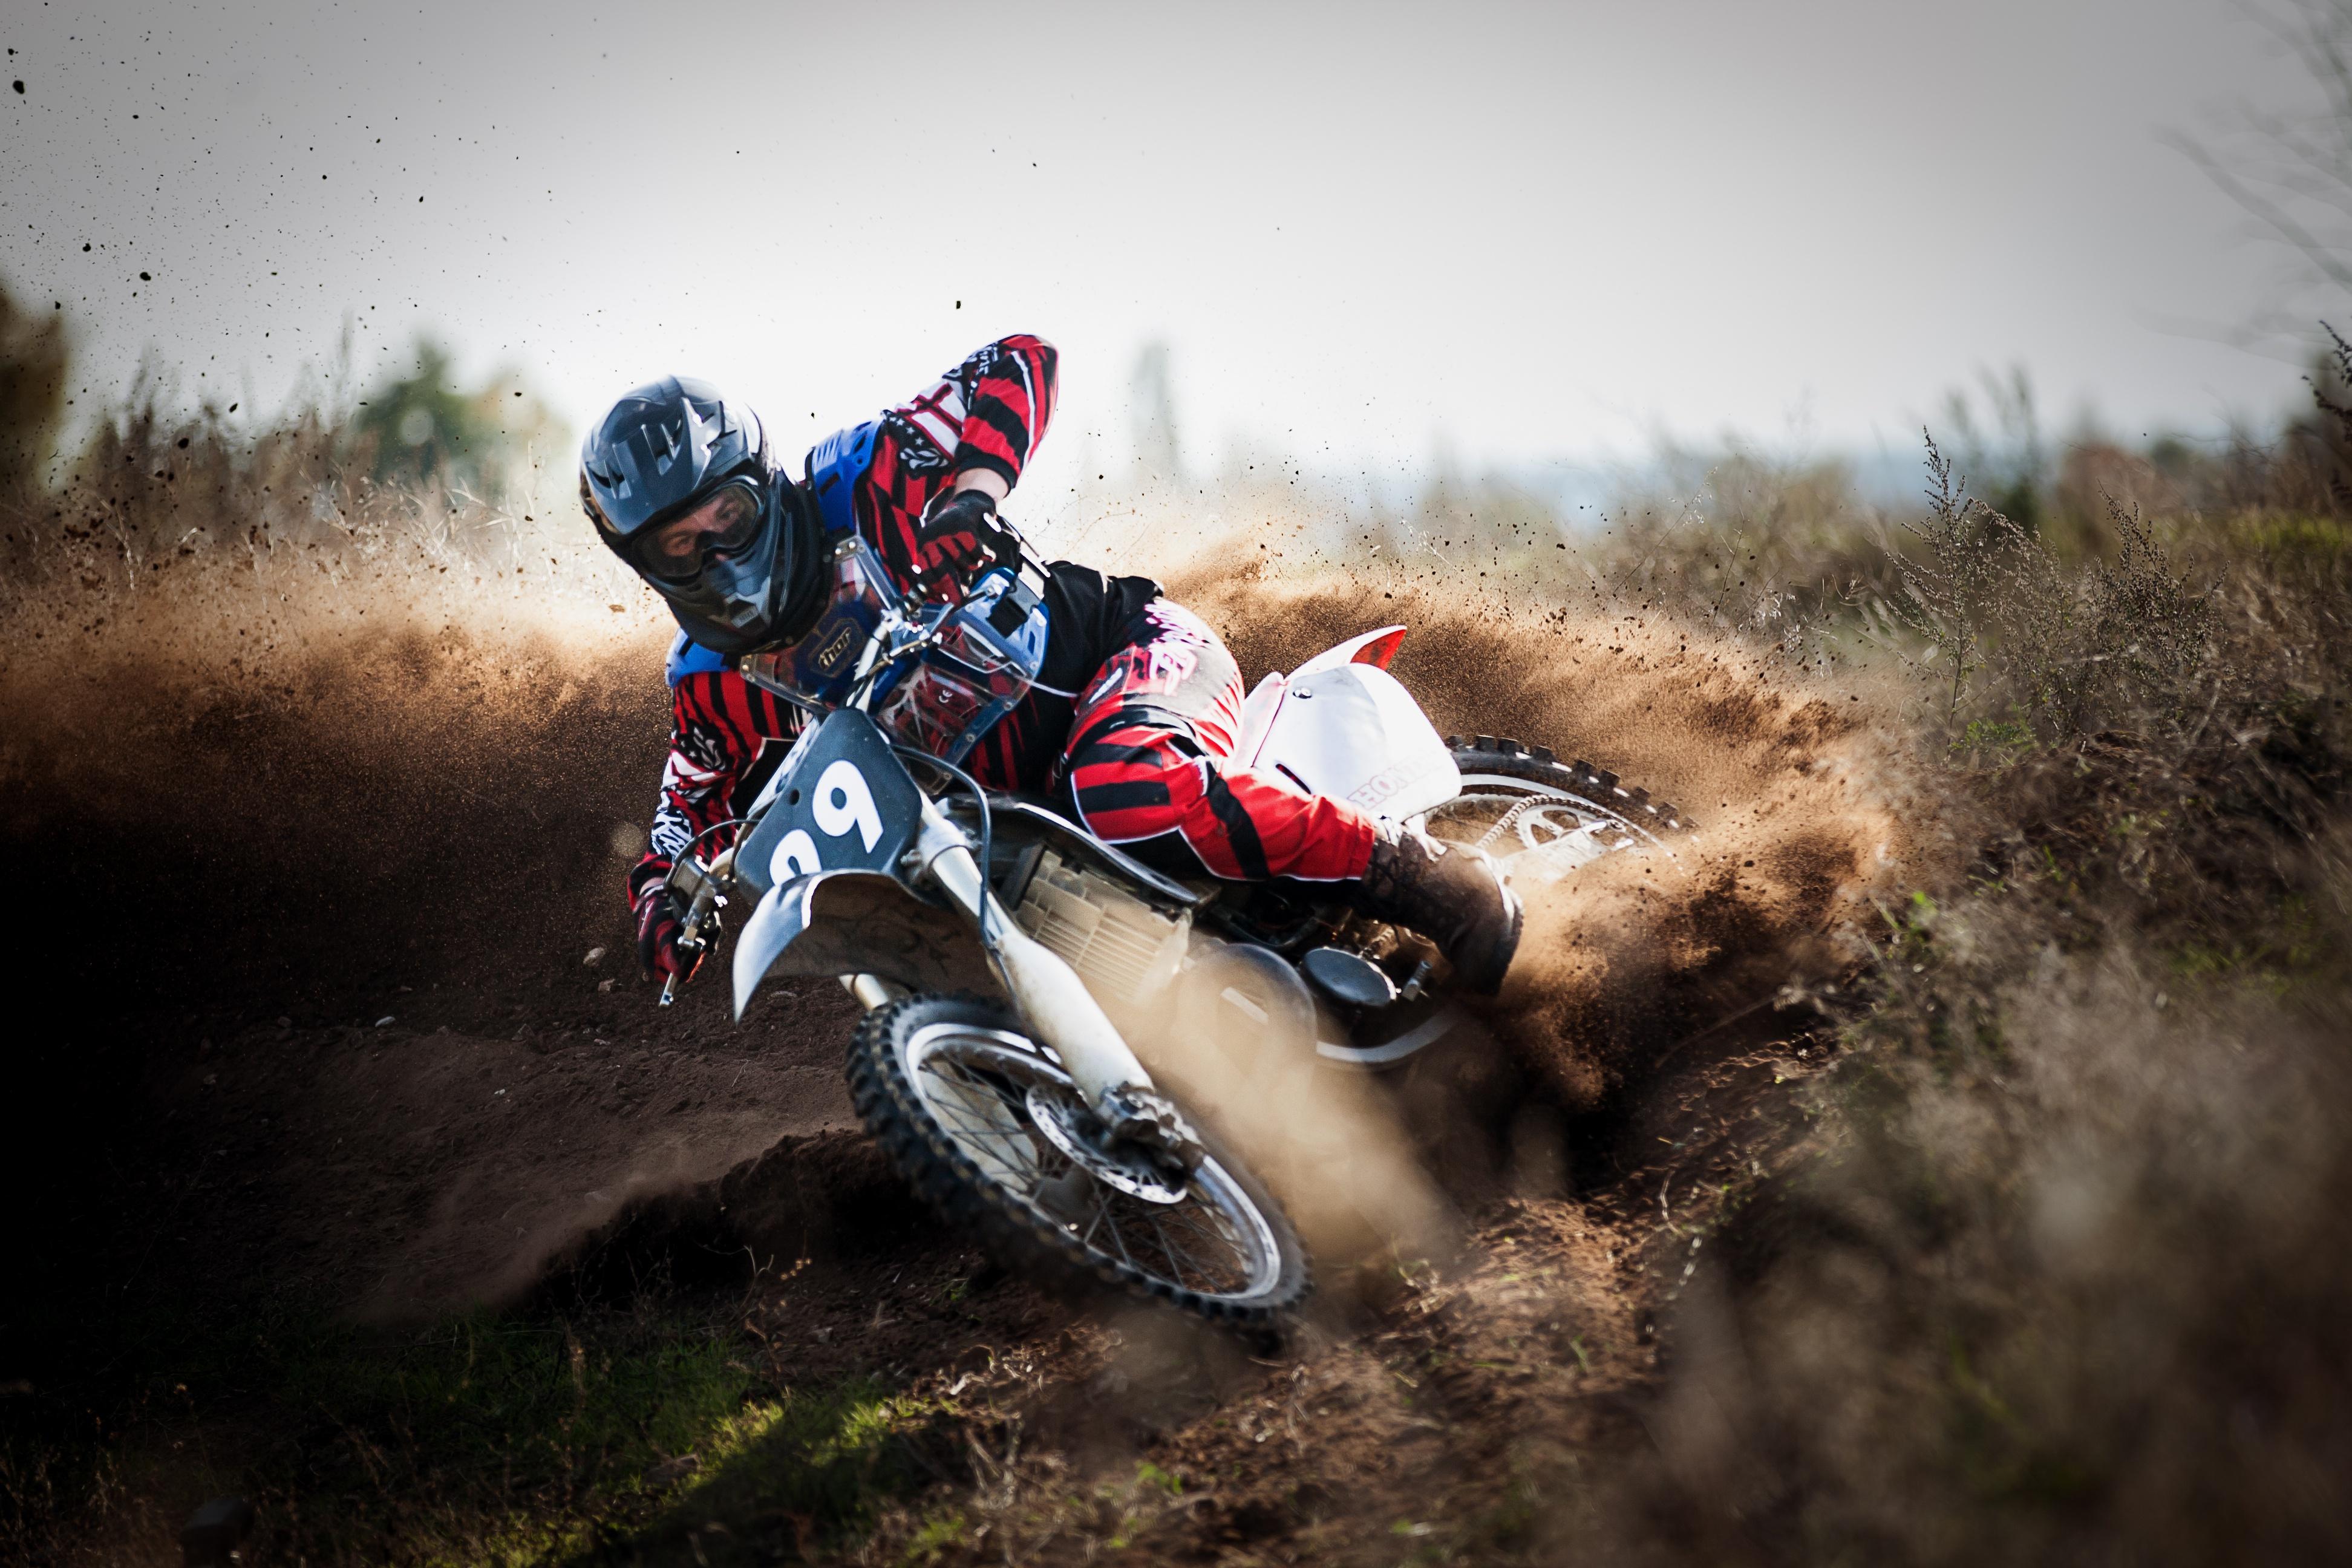 вираж гонка мотоциклы  № 3300161 бесплатно